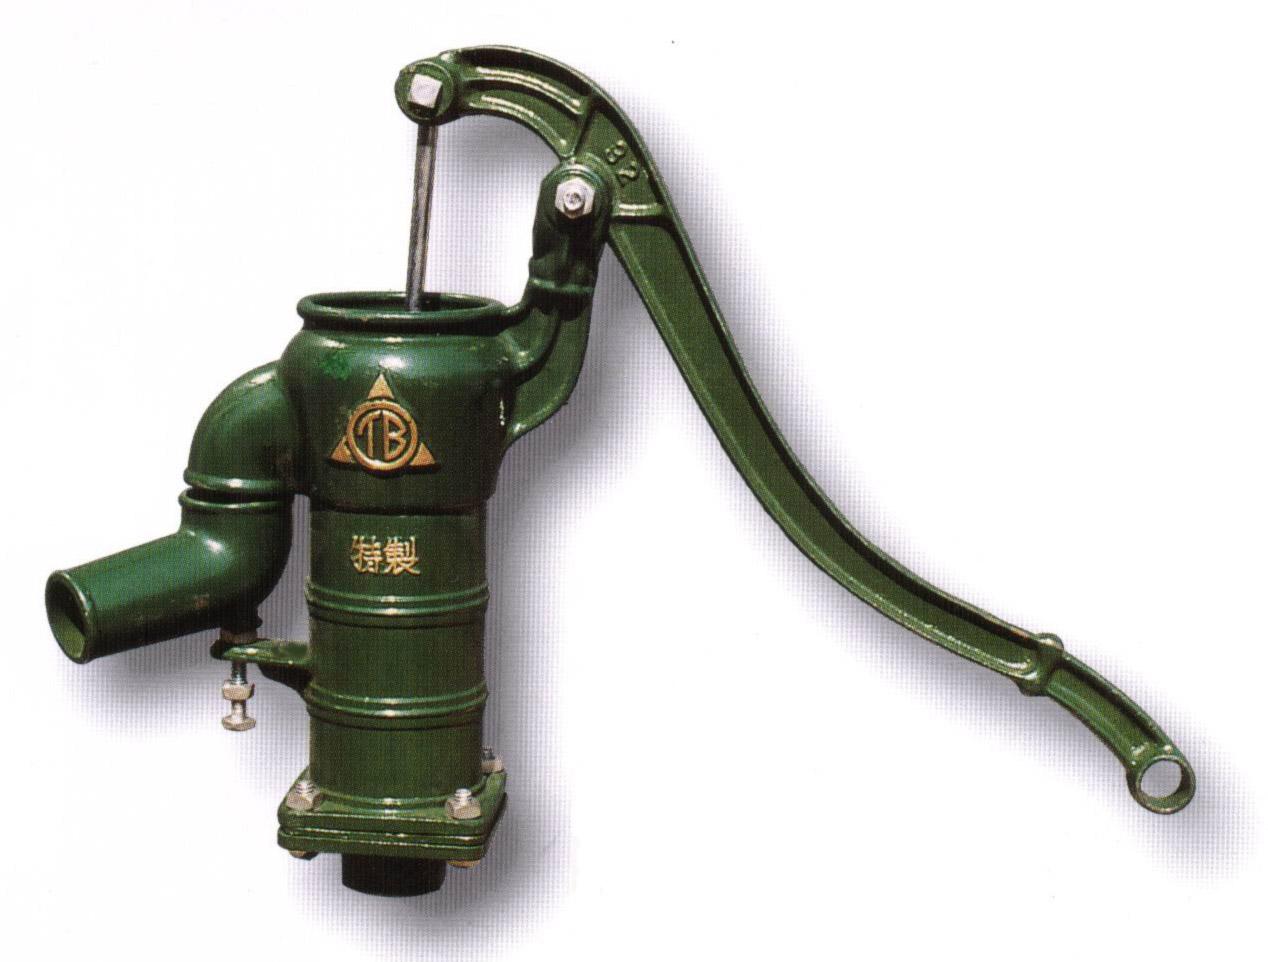 東邦工業 手押しポンプ 打ち込み井戸用 プラ玉ピストン方式 T32PU